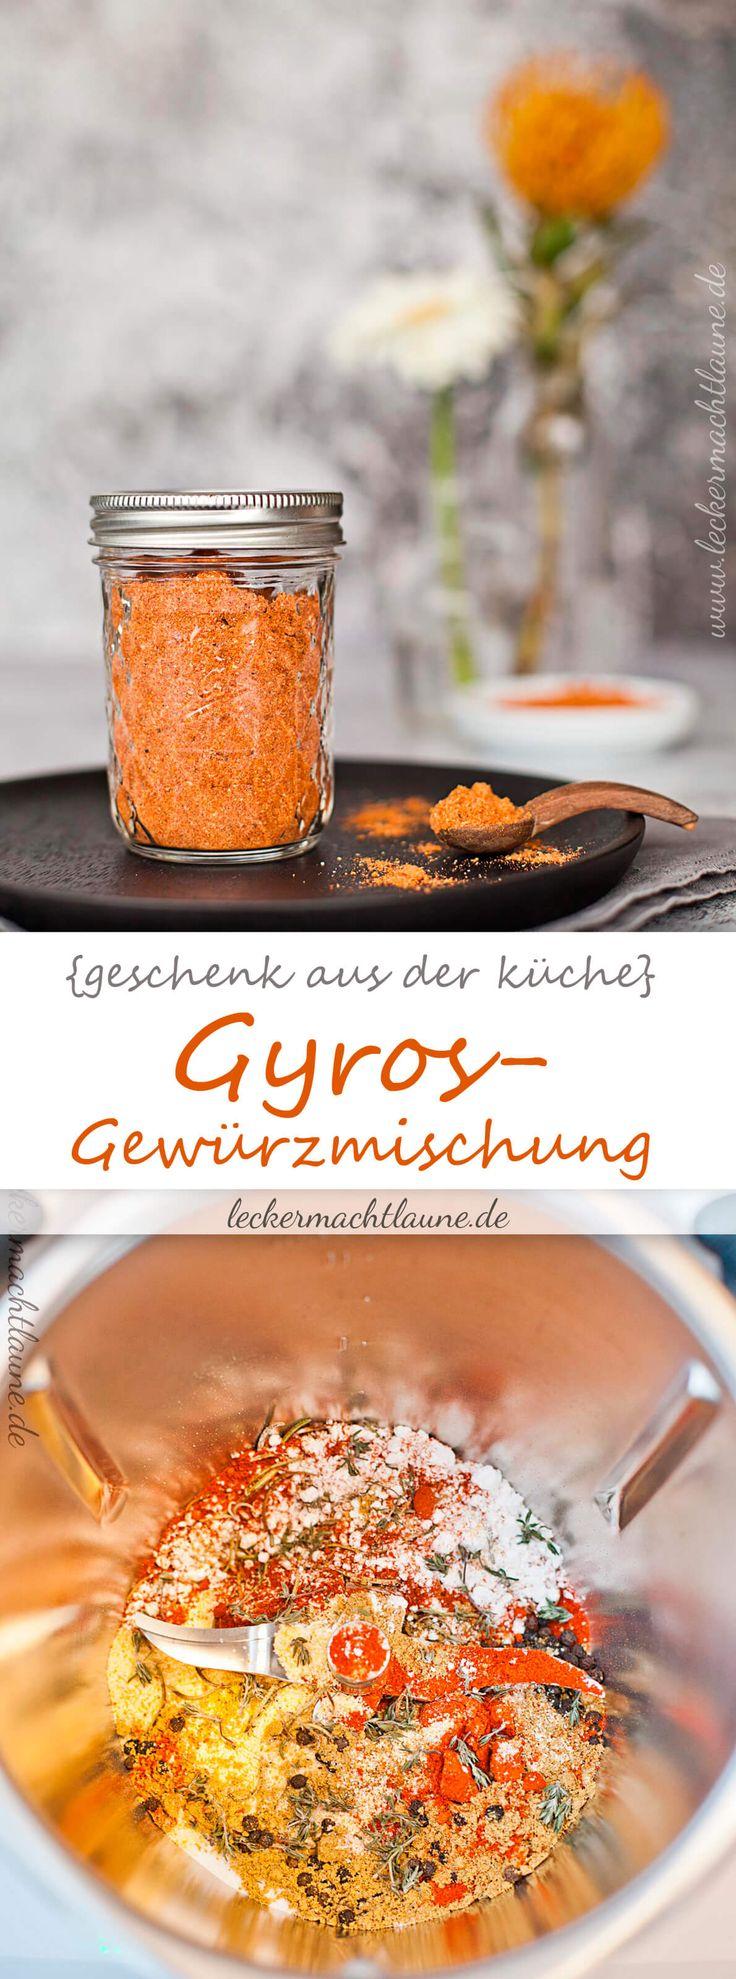 Ein ganz wunderbares kleines Geschenk aus der Küche: Gyros-Gewürzmischung . Da es schnell gemacht ist, ist es auch als Last Minute Geschenk geeignet.